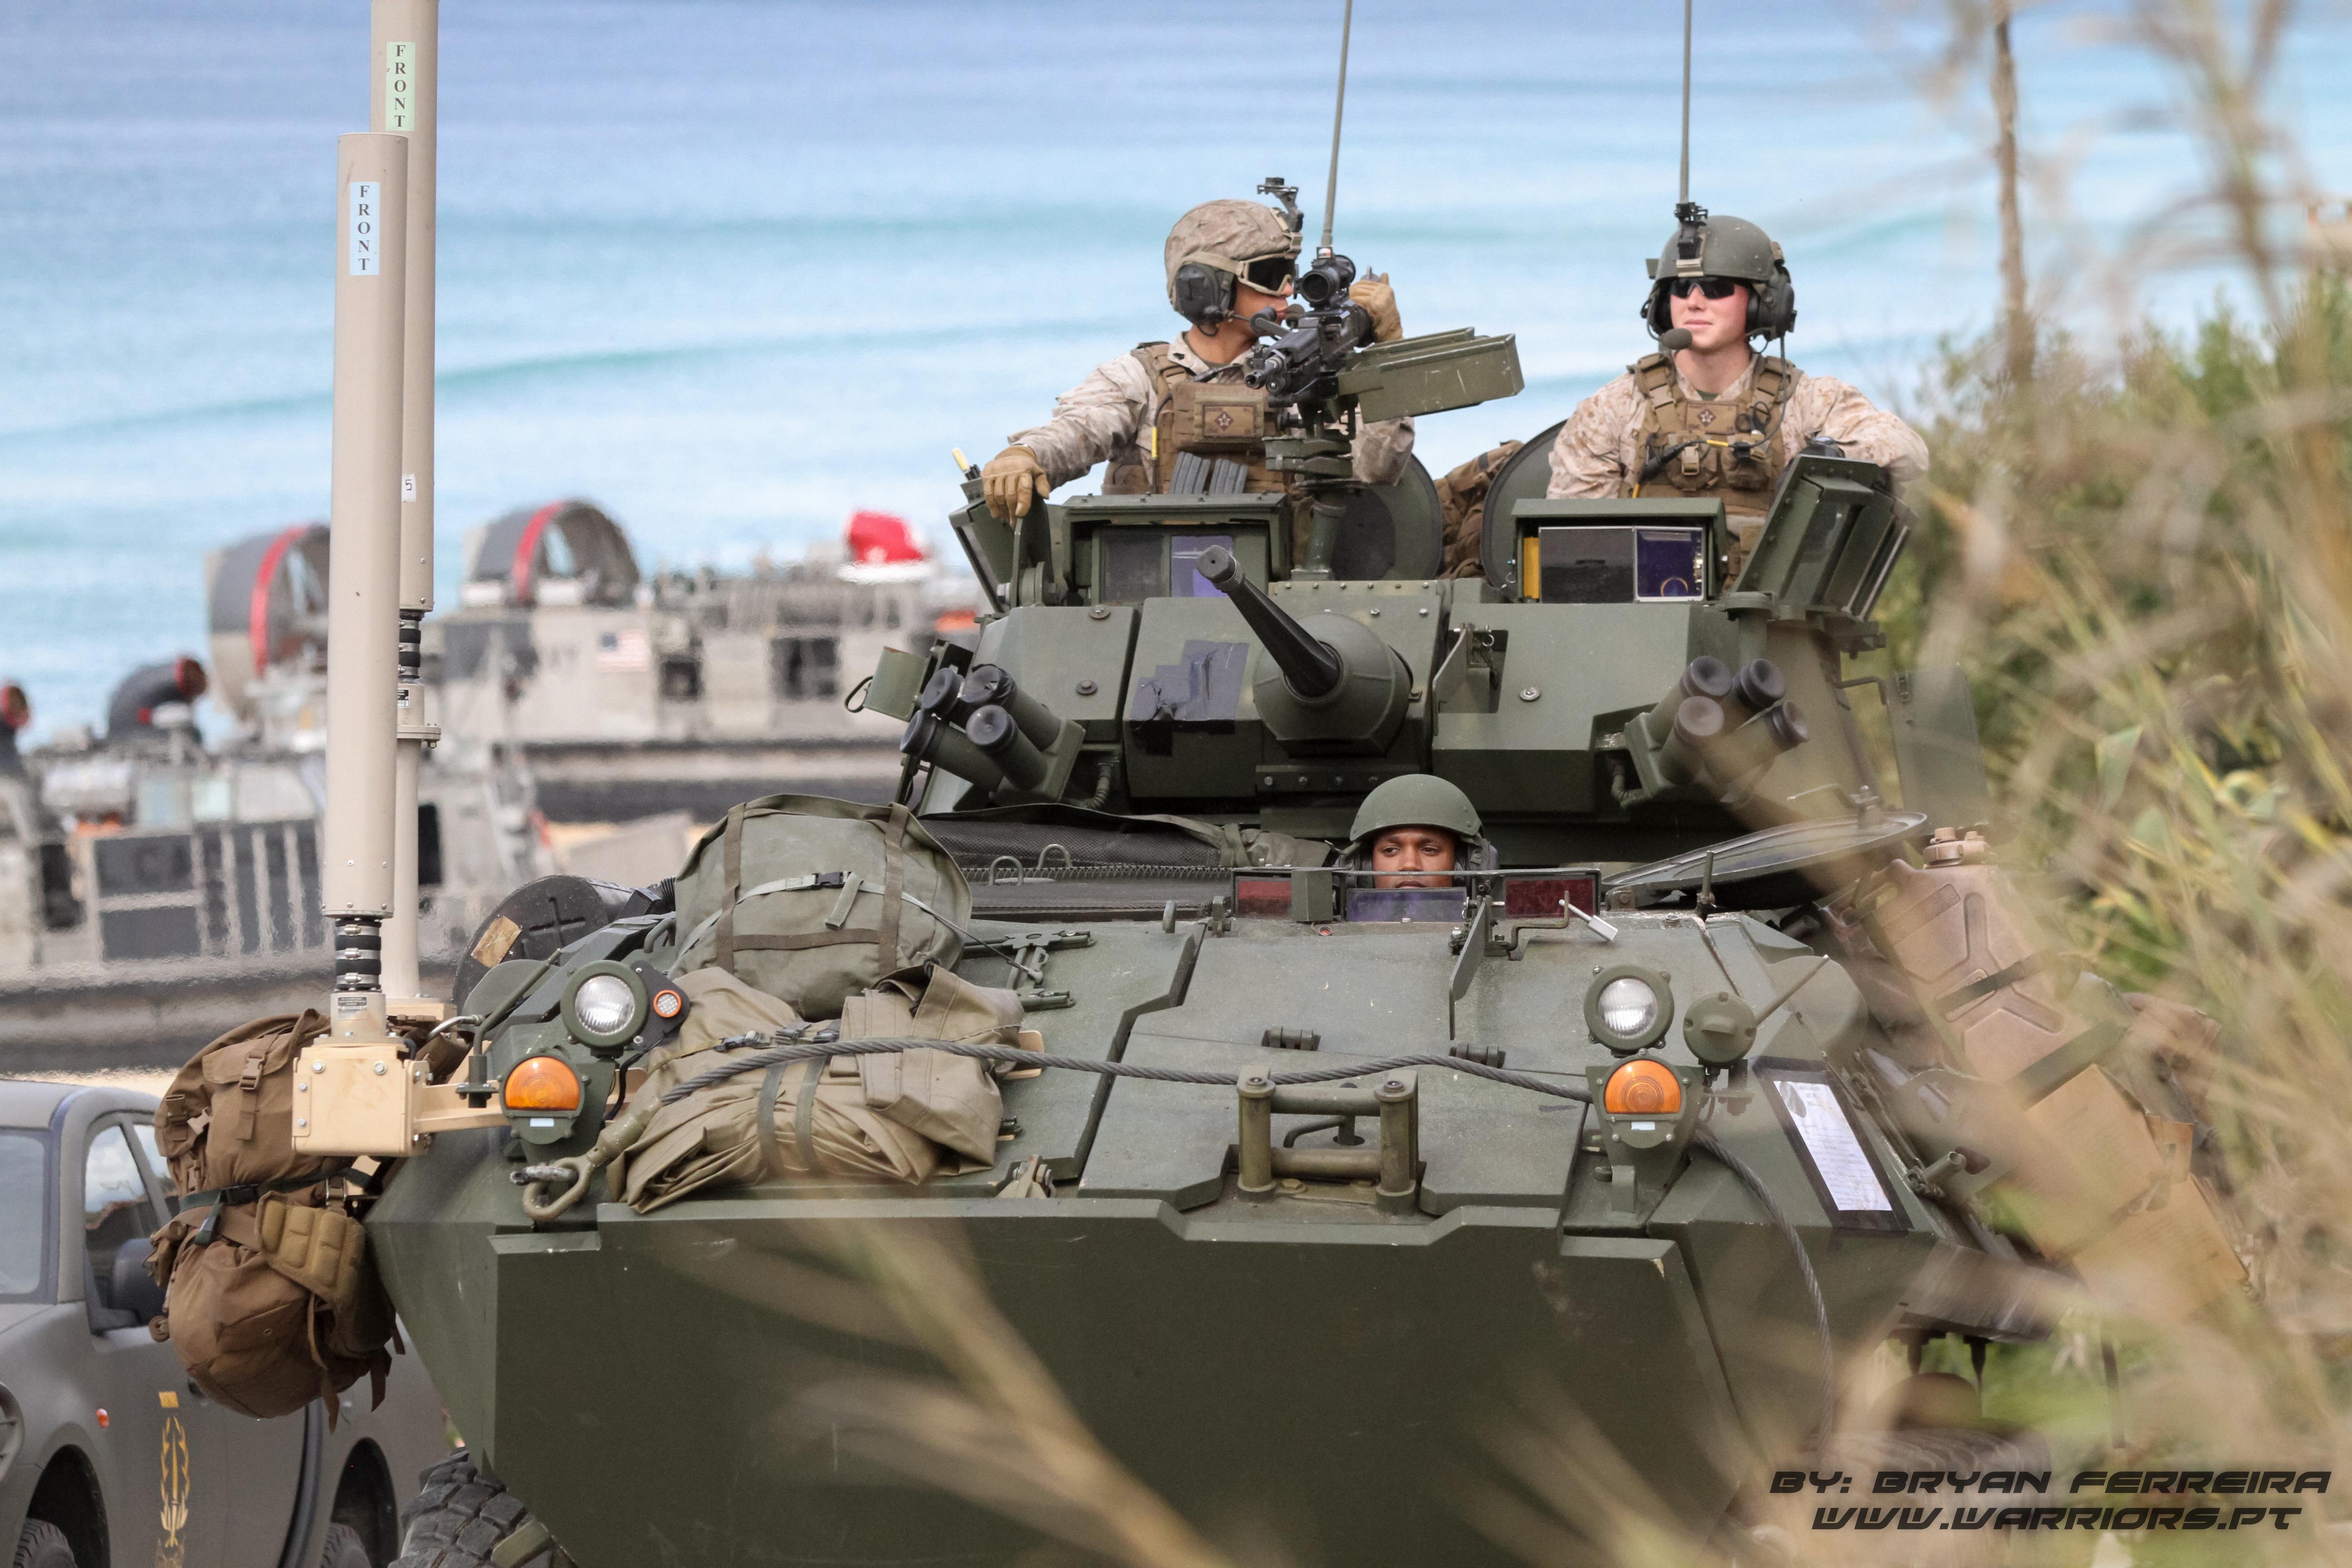 LAV25 dos US MArines avança para o interior de modo a reforçar a força que foi projectada através de Helicoptero